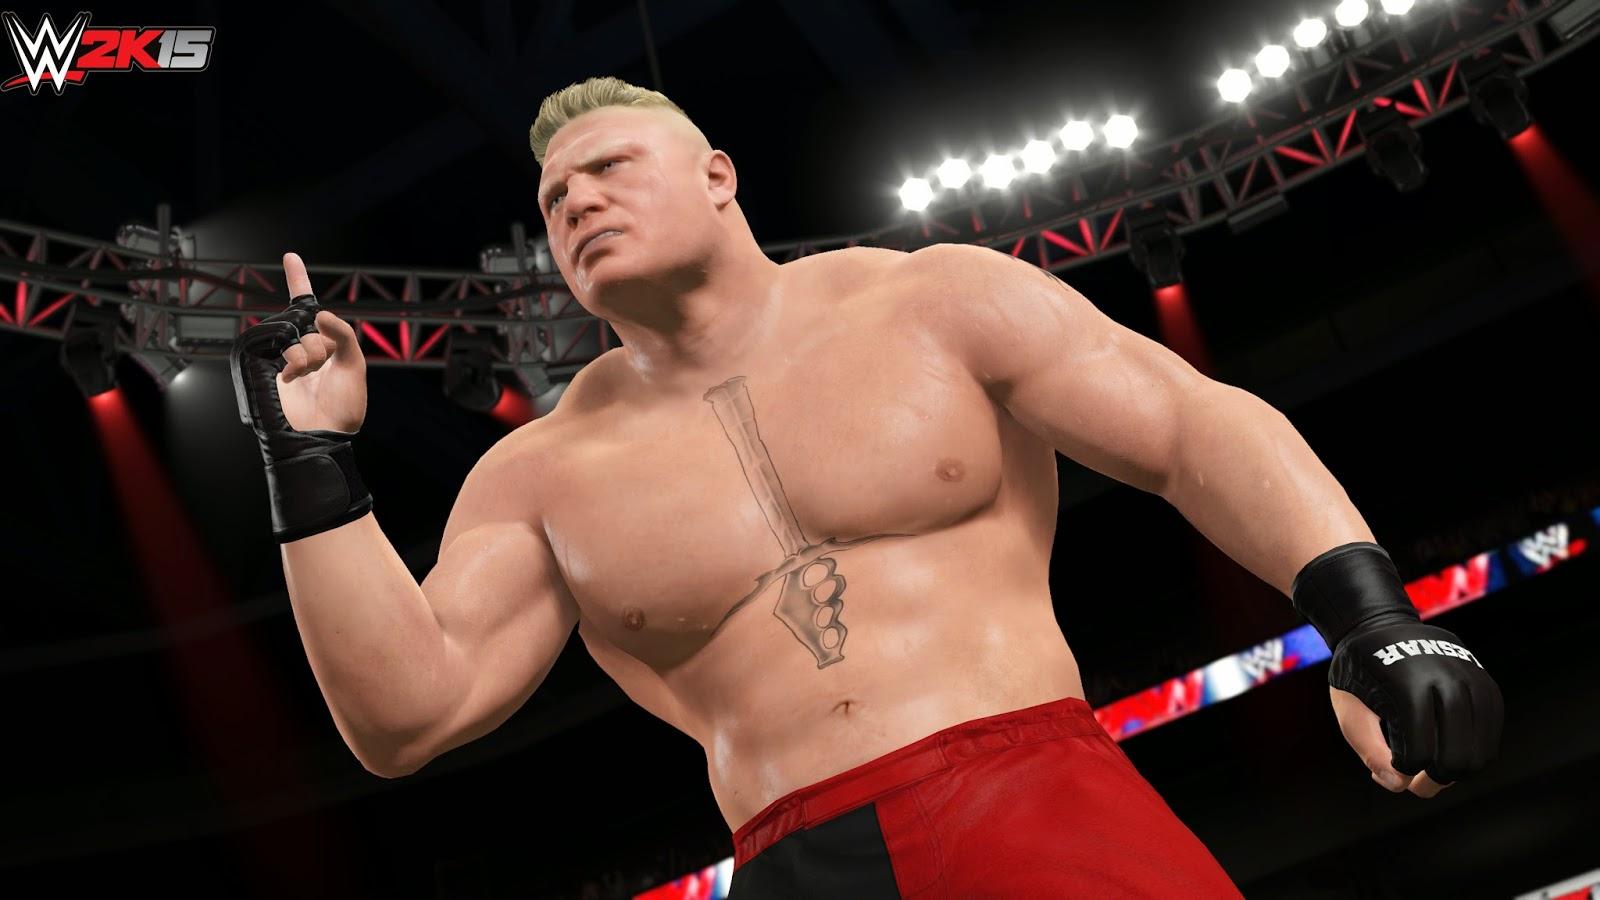 WWE 2K15 PC Game Free Download | Download Free PC Games